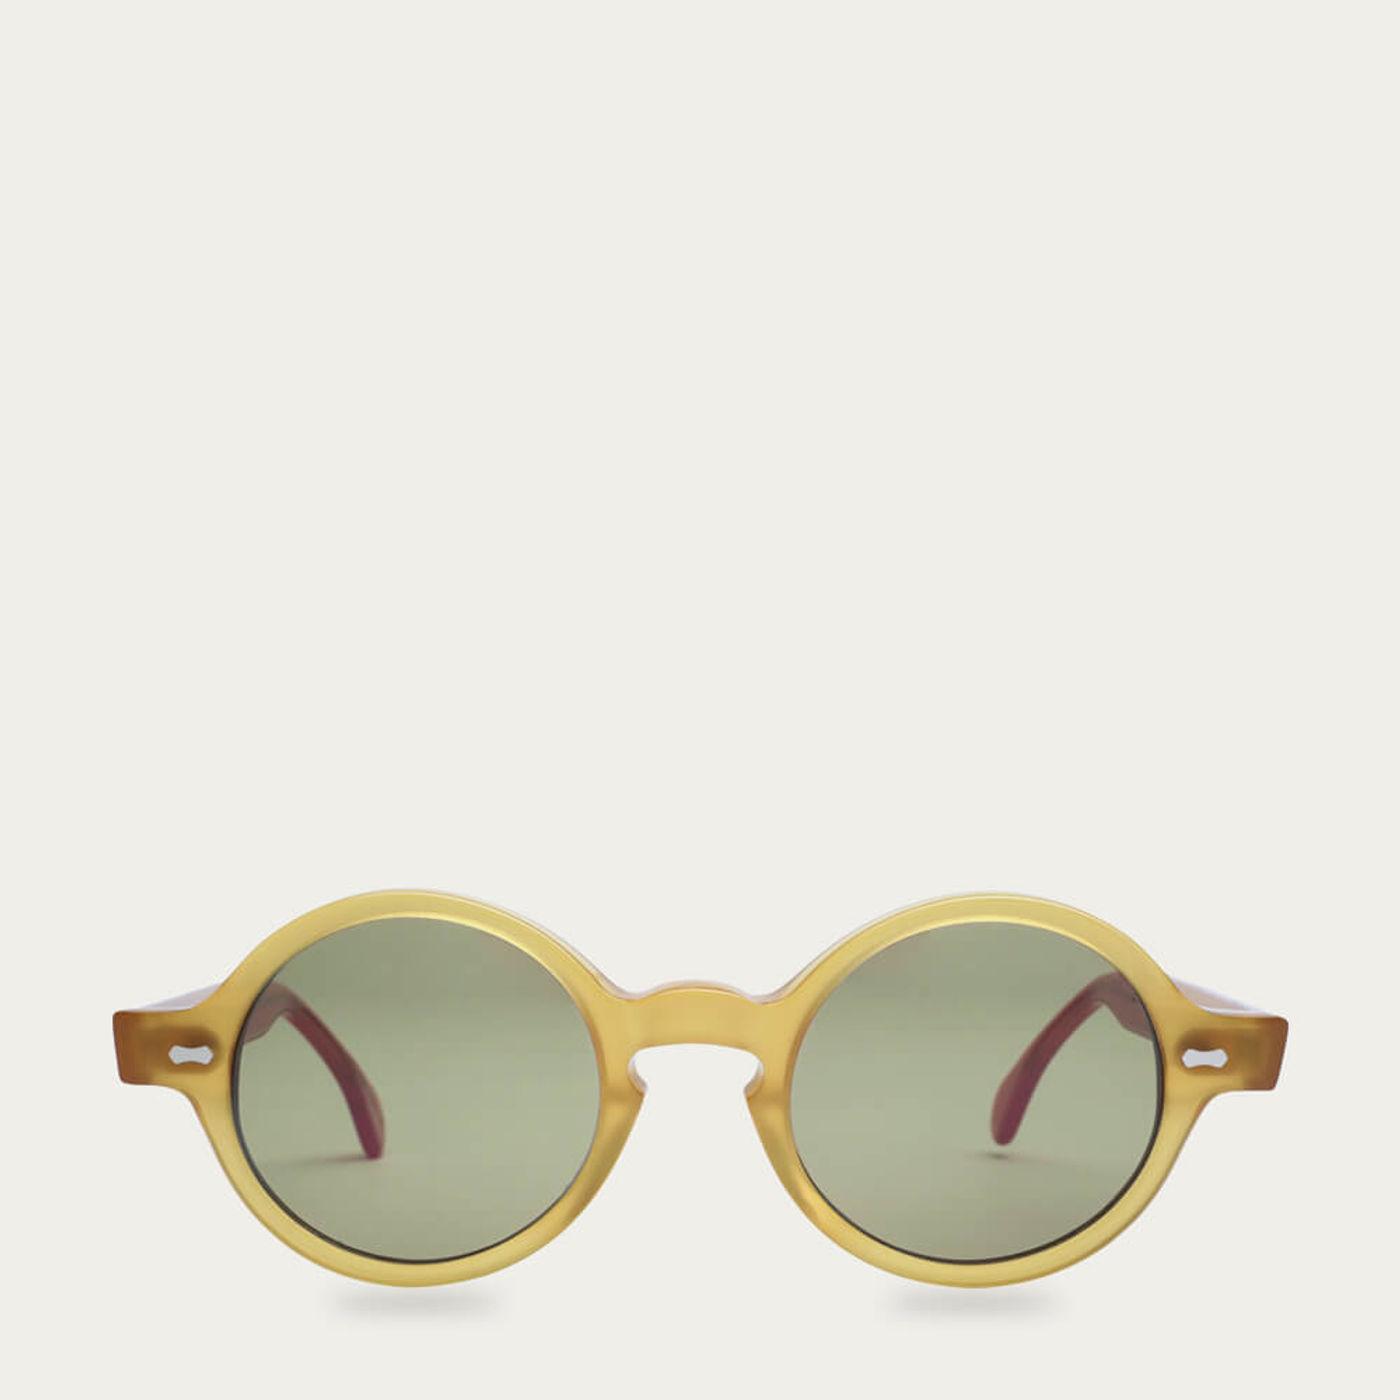 Honey /Bottle Green Oxford Sunglasses   Bombinate